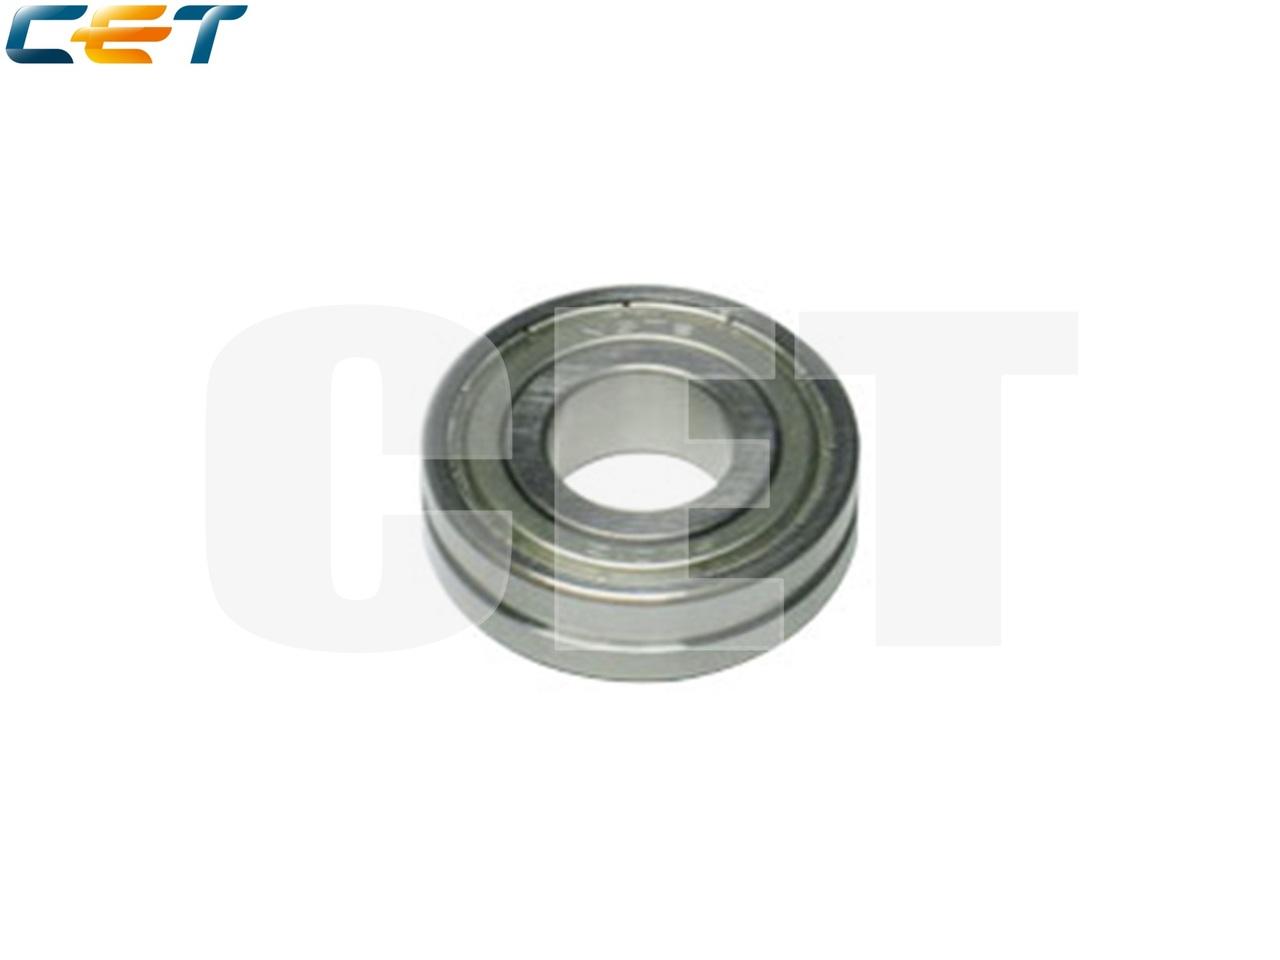 Подшипник резинового вала AE03-0018 для RICOH Aficio1060/1075 (CET), 2 шт/компл, CET6357